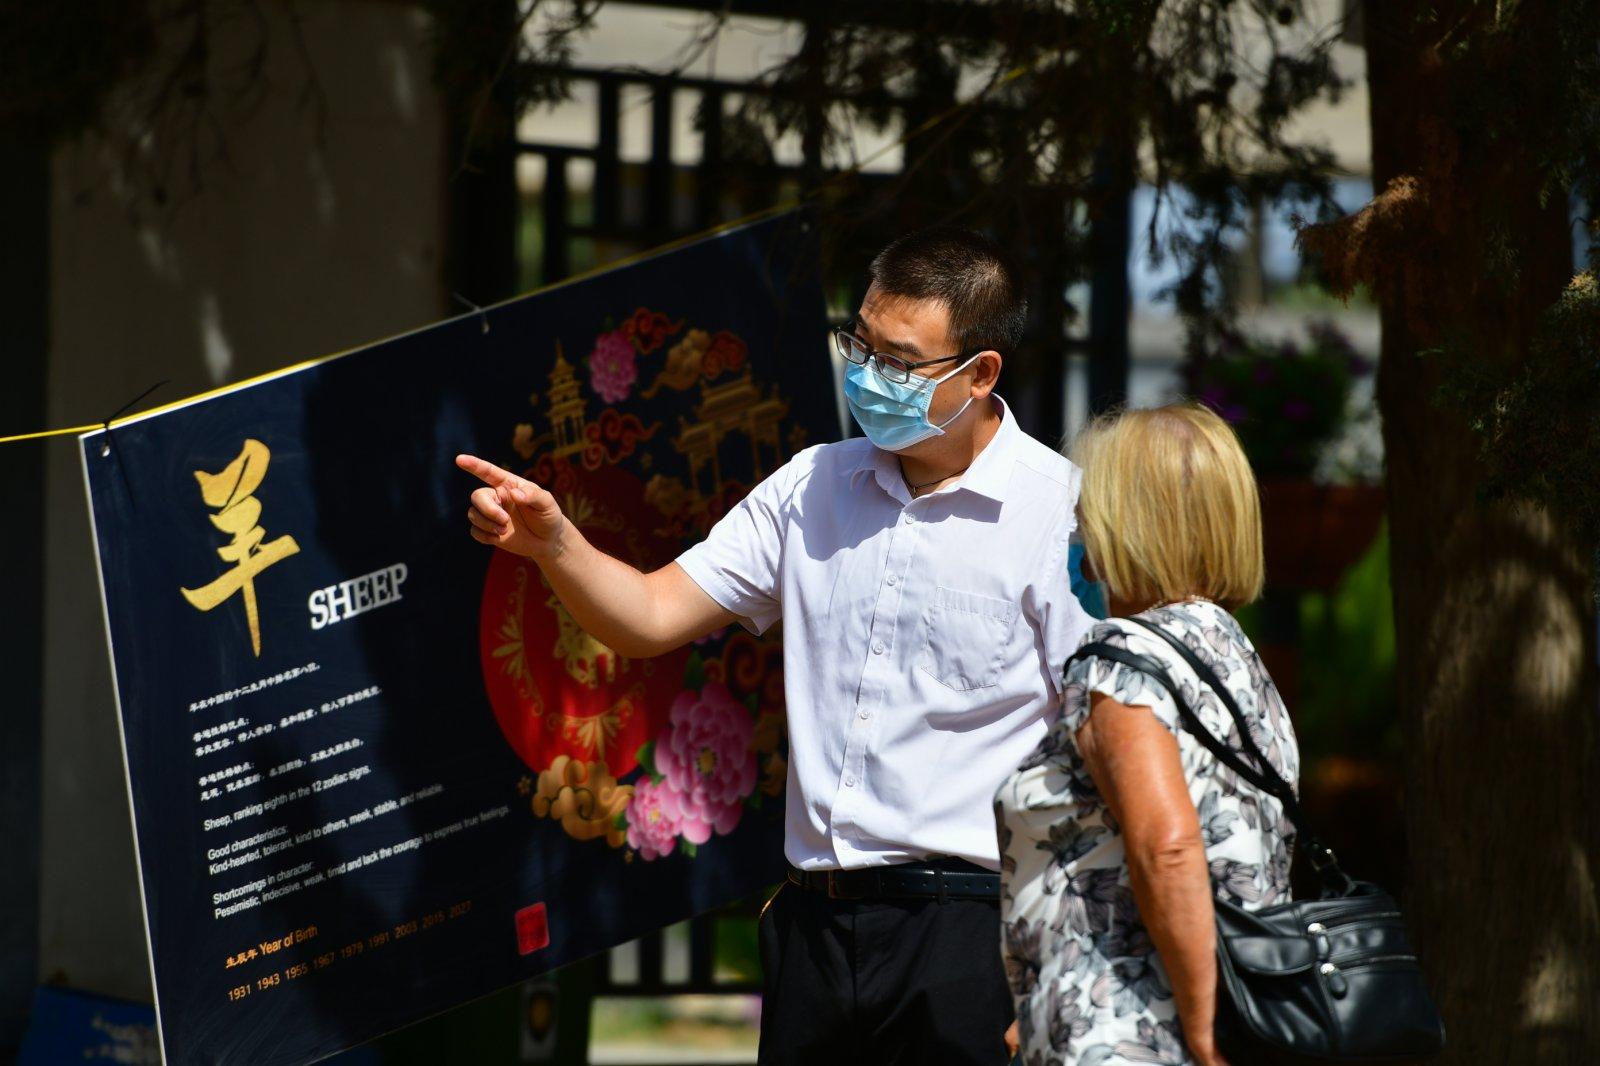 6月7日,馬耳他中國文化中心的一名工作人員在桑塔露琪亞市為參觀者進行解說。(新華社)